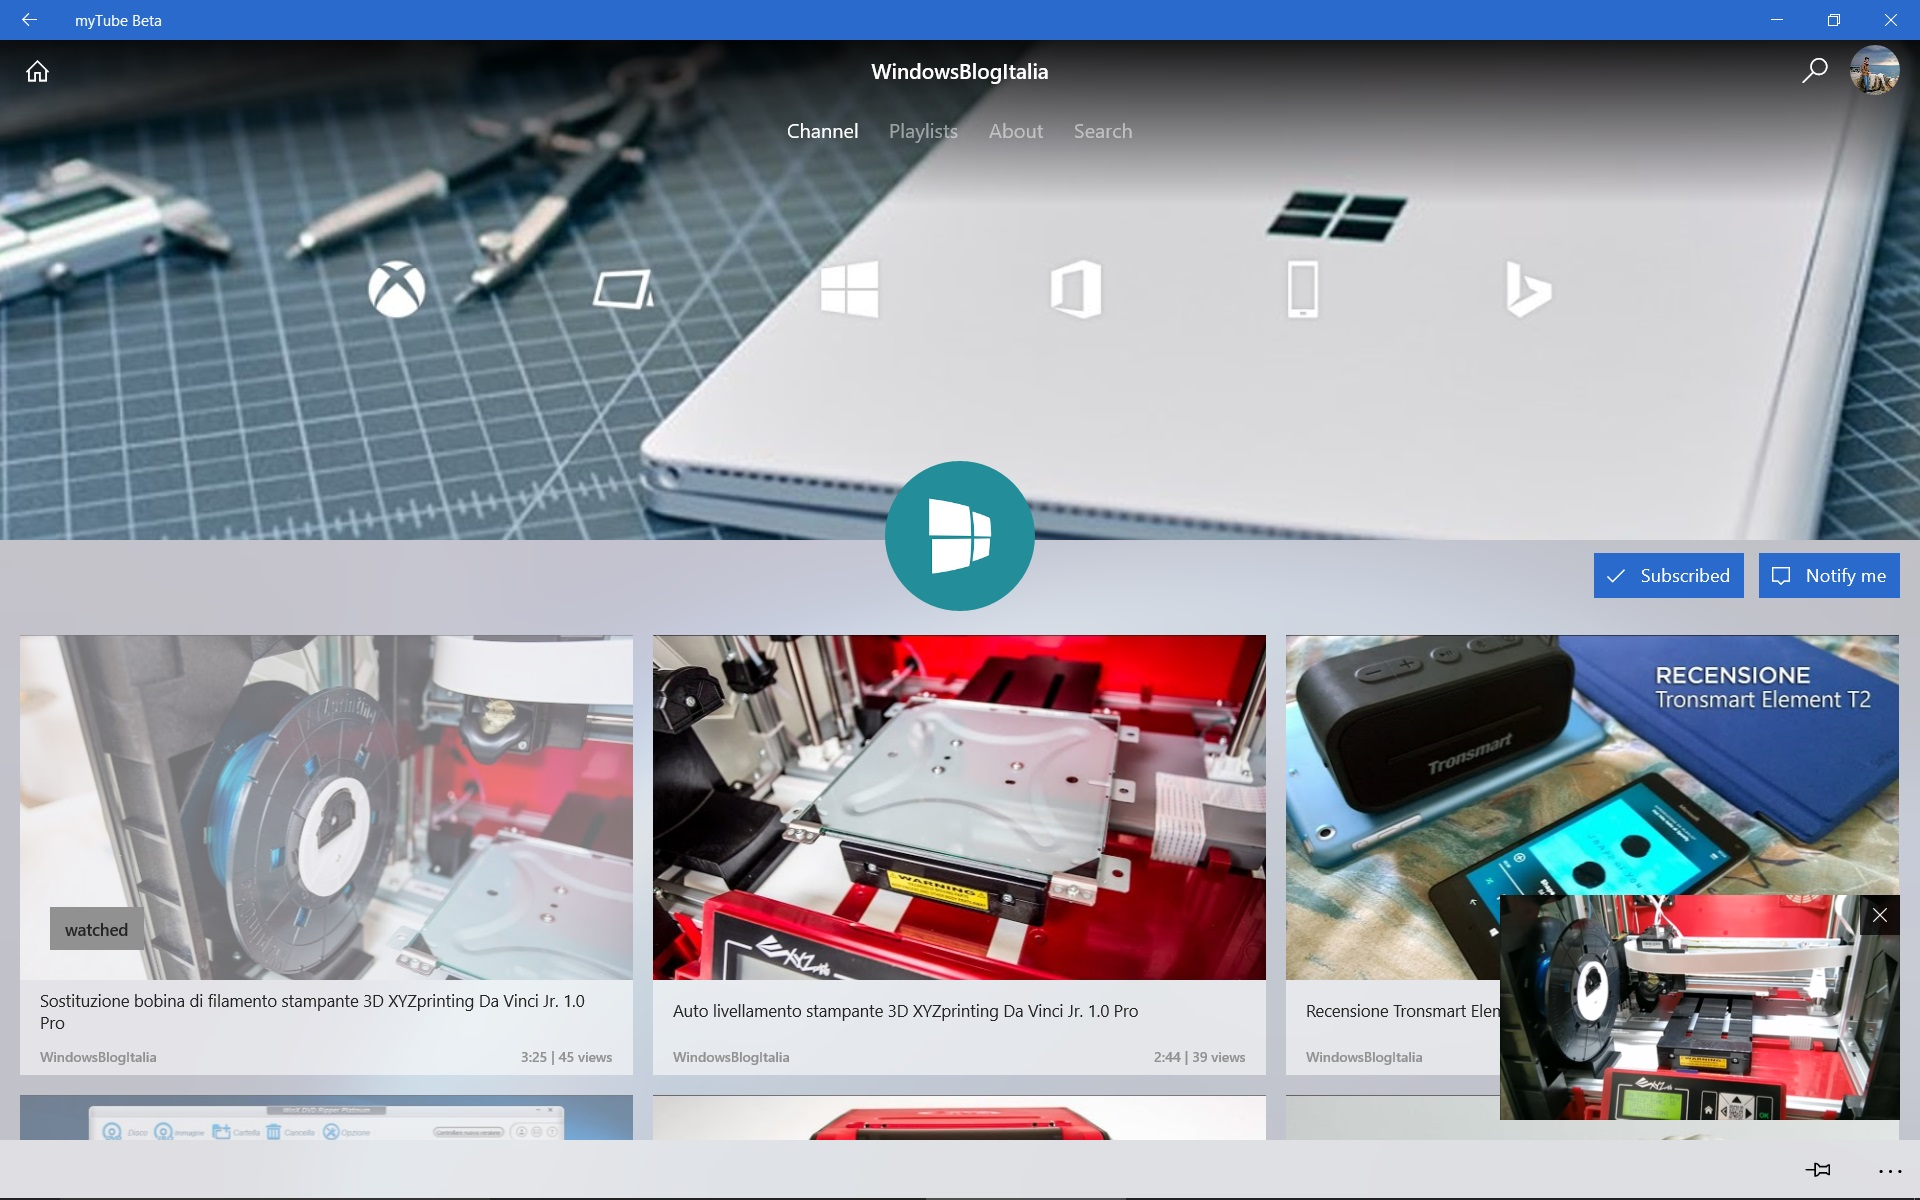 myTube! si rinnova con supporto a Xbox One e Fluent Design